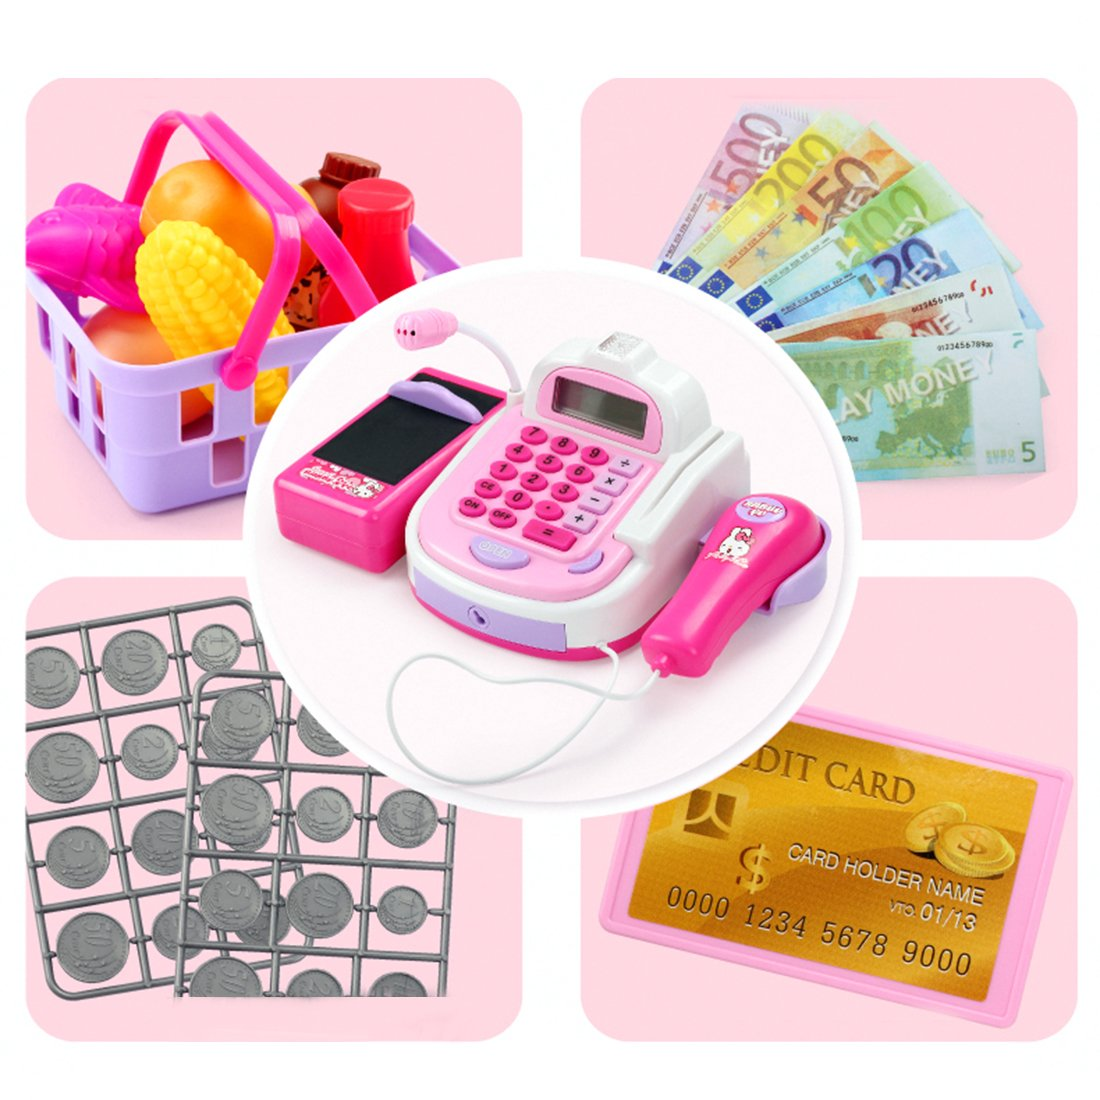 Caisse Enregistreuse Tactile Caisse Enregistreuse Enfants Caisse Electronique Jeu Enfant Caisse Jouet pour Enfant a Partir de 3ans,rose